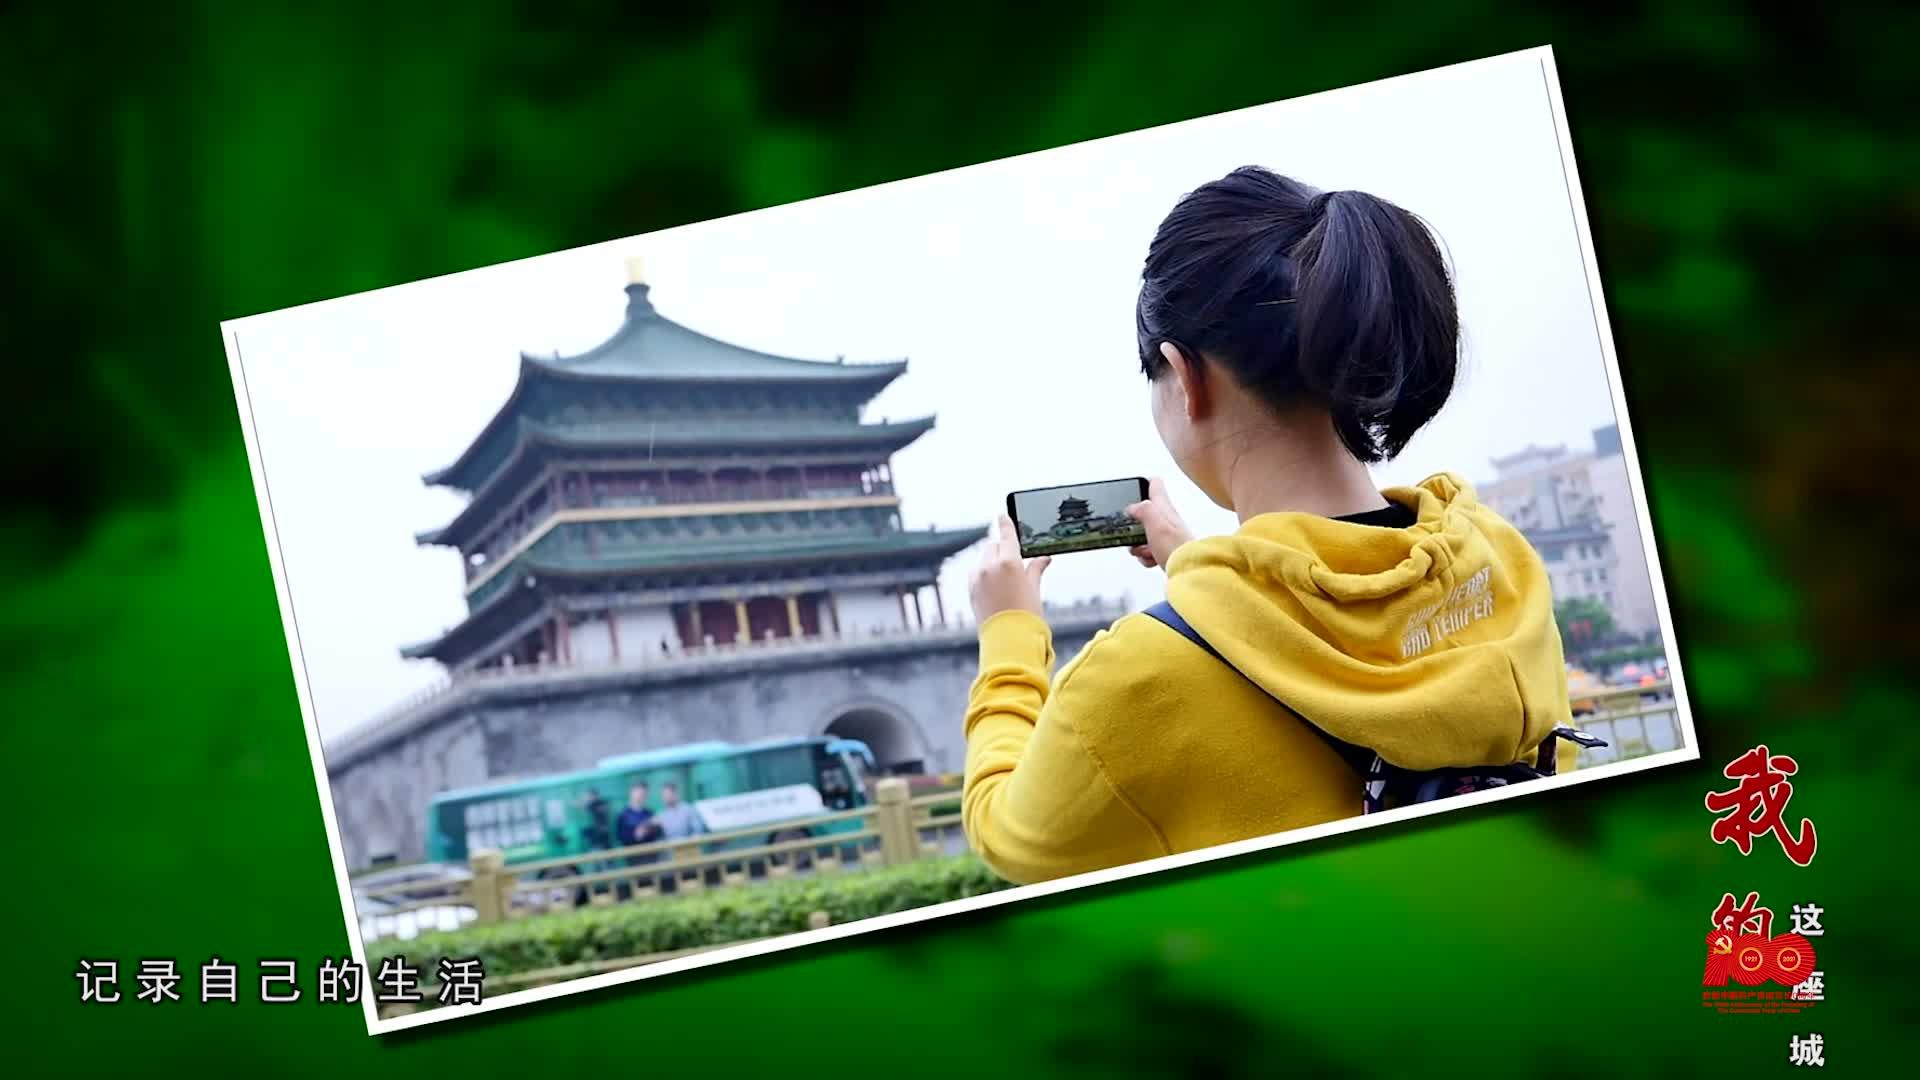 """我的这座城丨""""百年奋斗 铸就辉煌""""庆祝中国共产党成立100周年网络视听短视频大赛作品展播"""